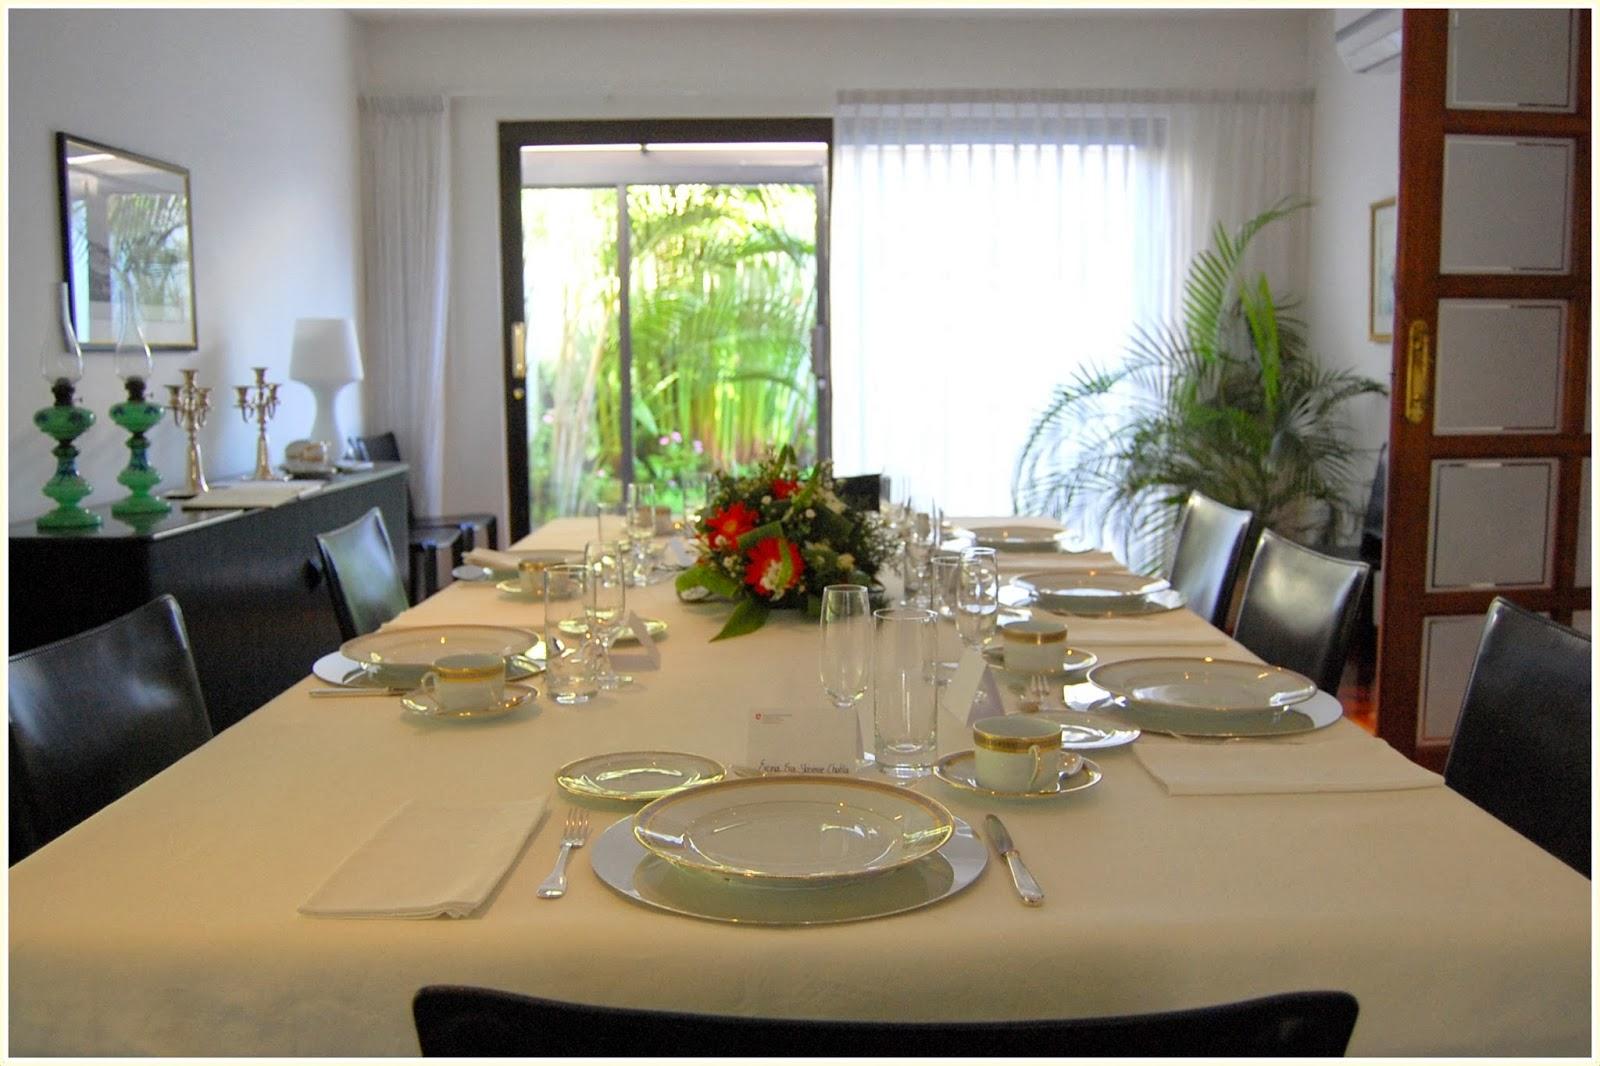 La terrasse french cuisine prestaci n de chef a domicilio - Chef de cuisine en suisse ...